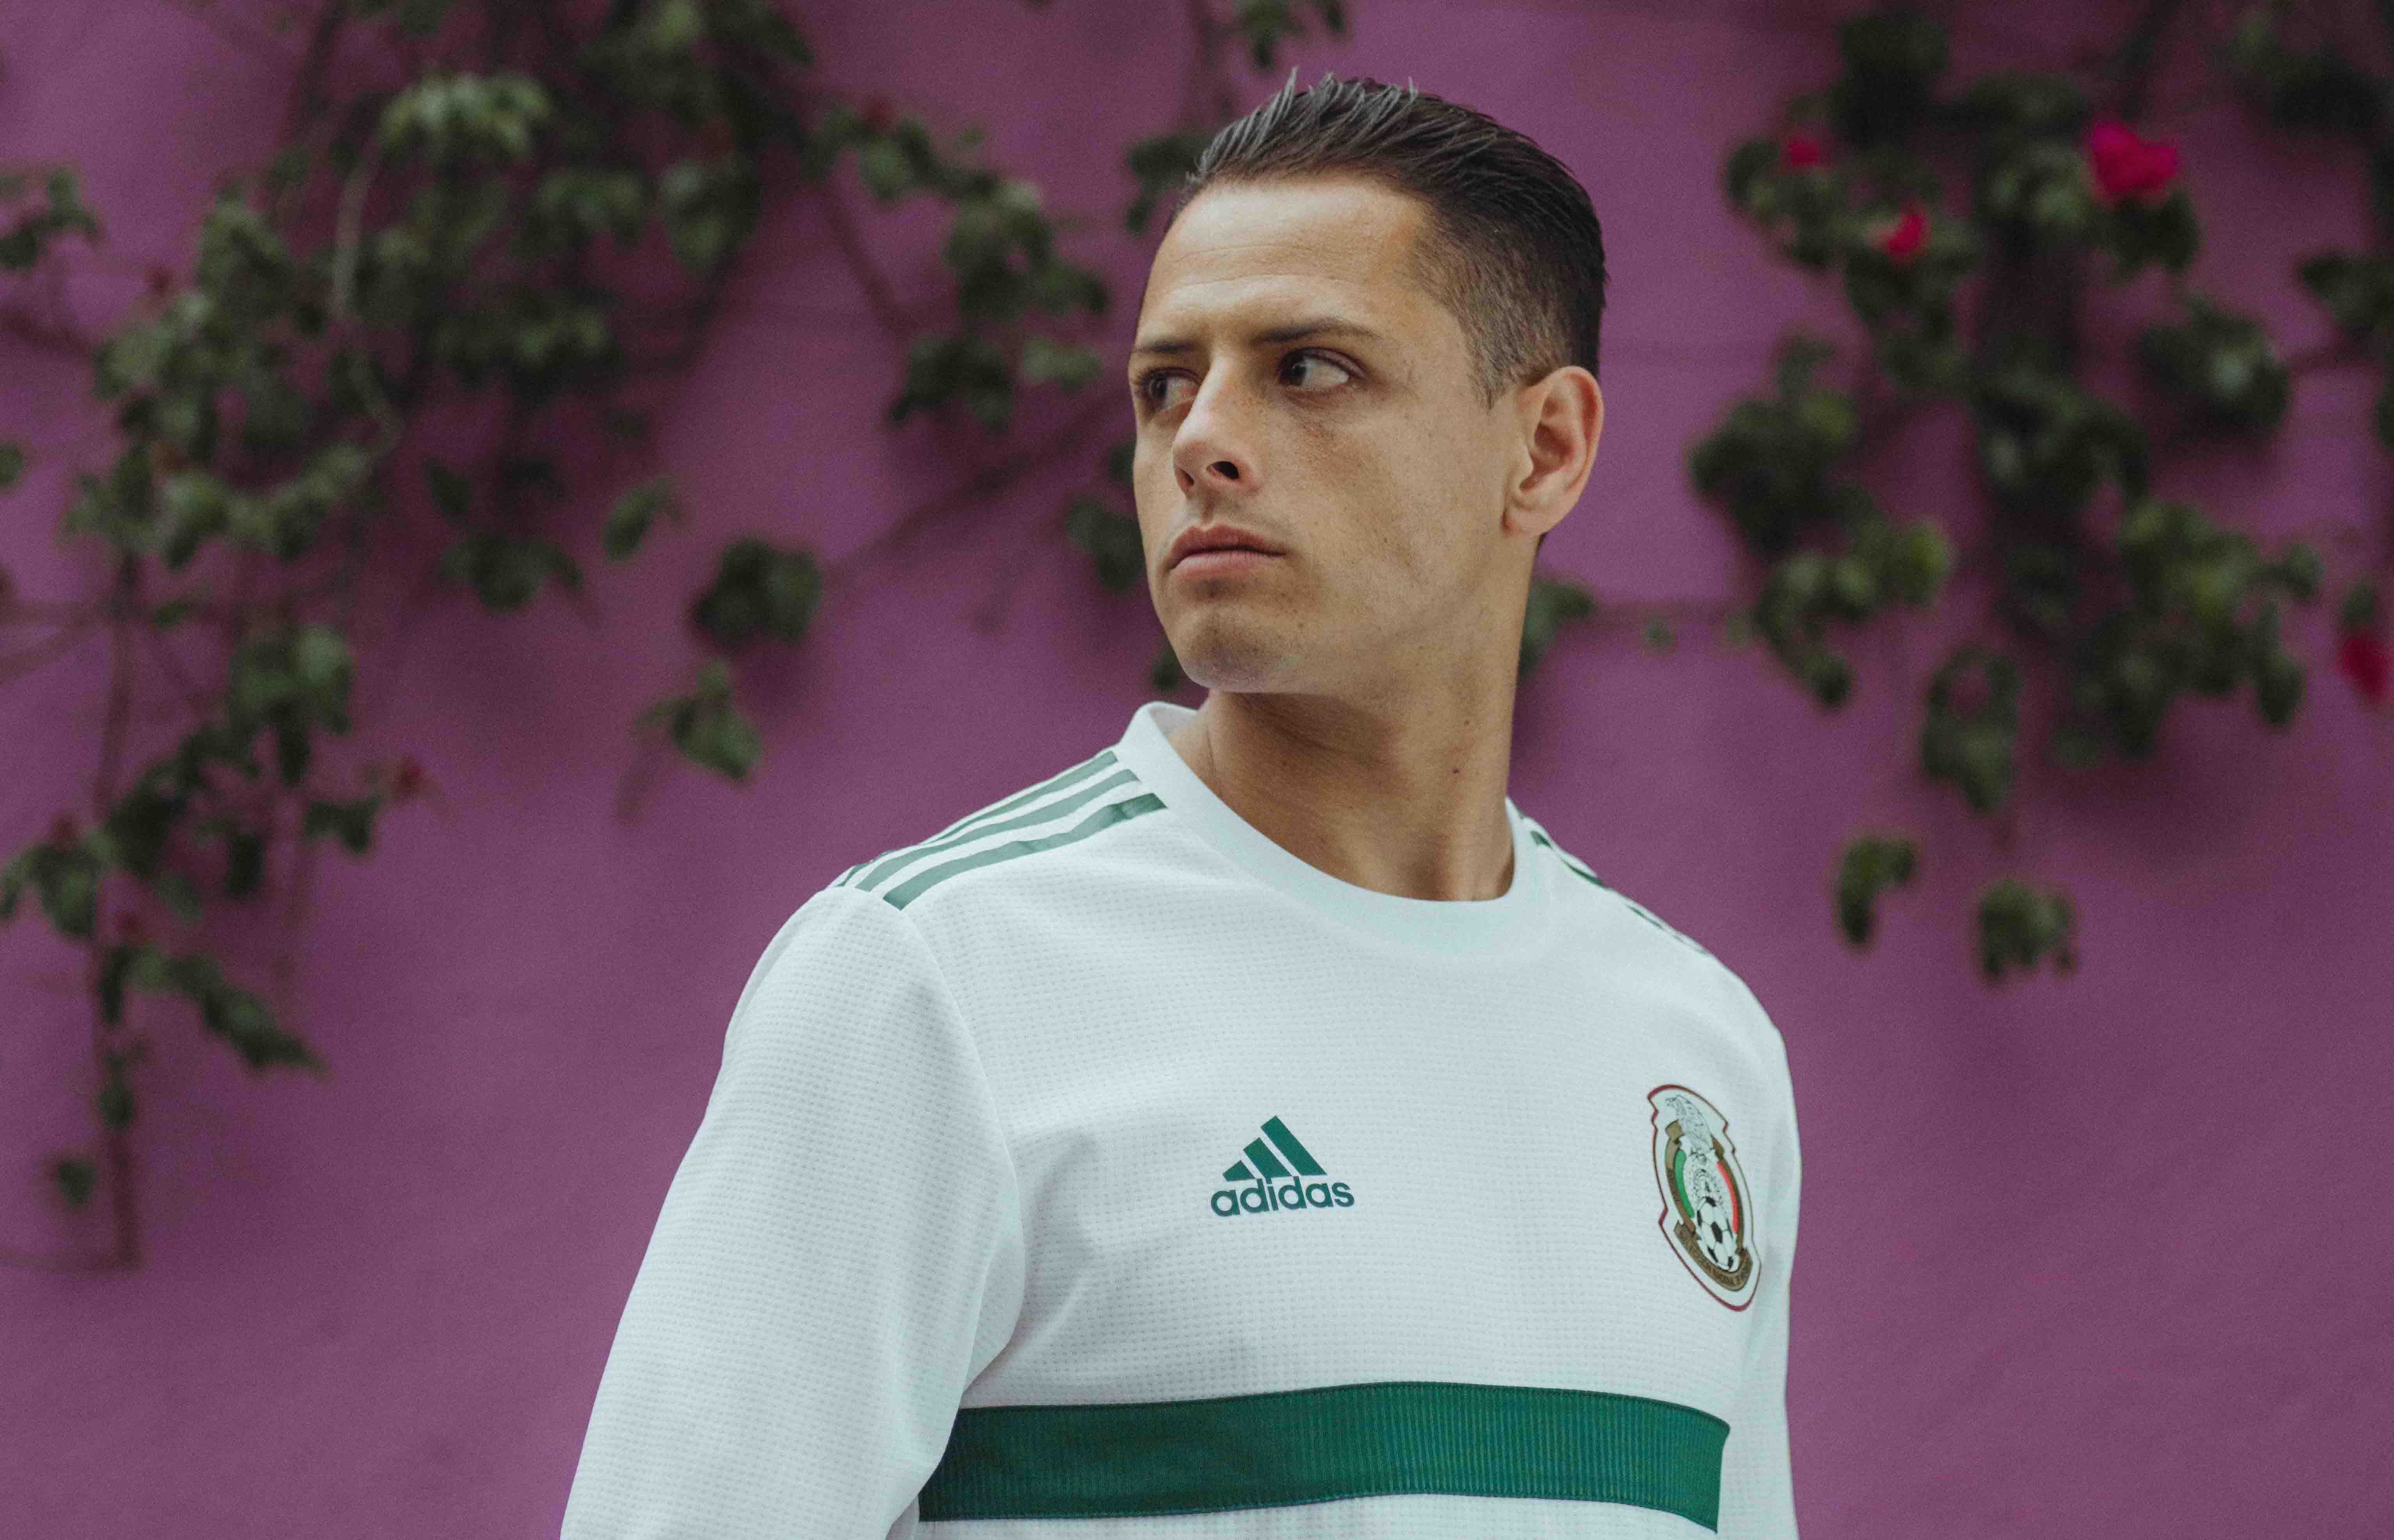 Conoce el jersey de visitante que usará México en Rusia 2018 b685b3dd6bca3